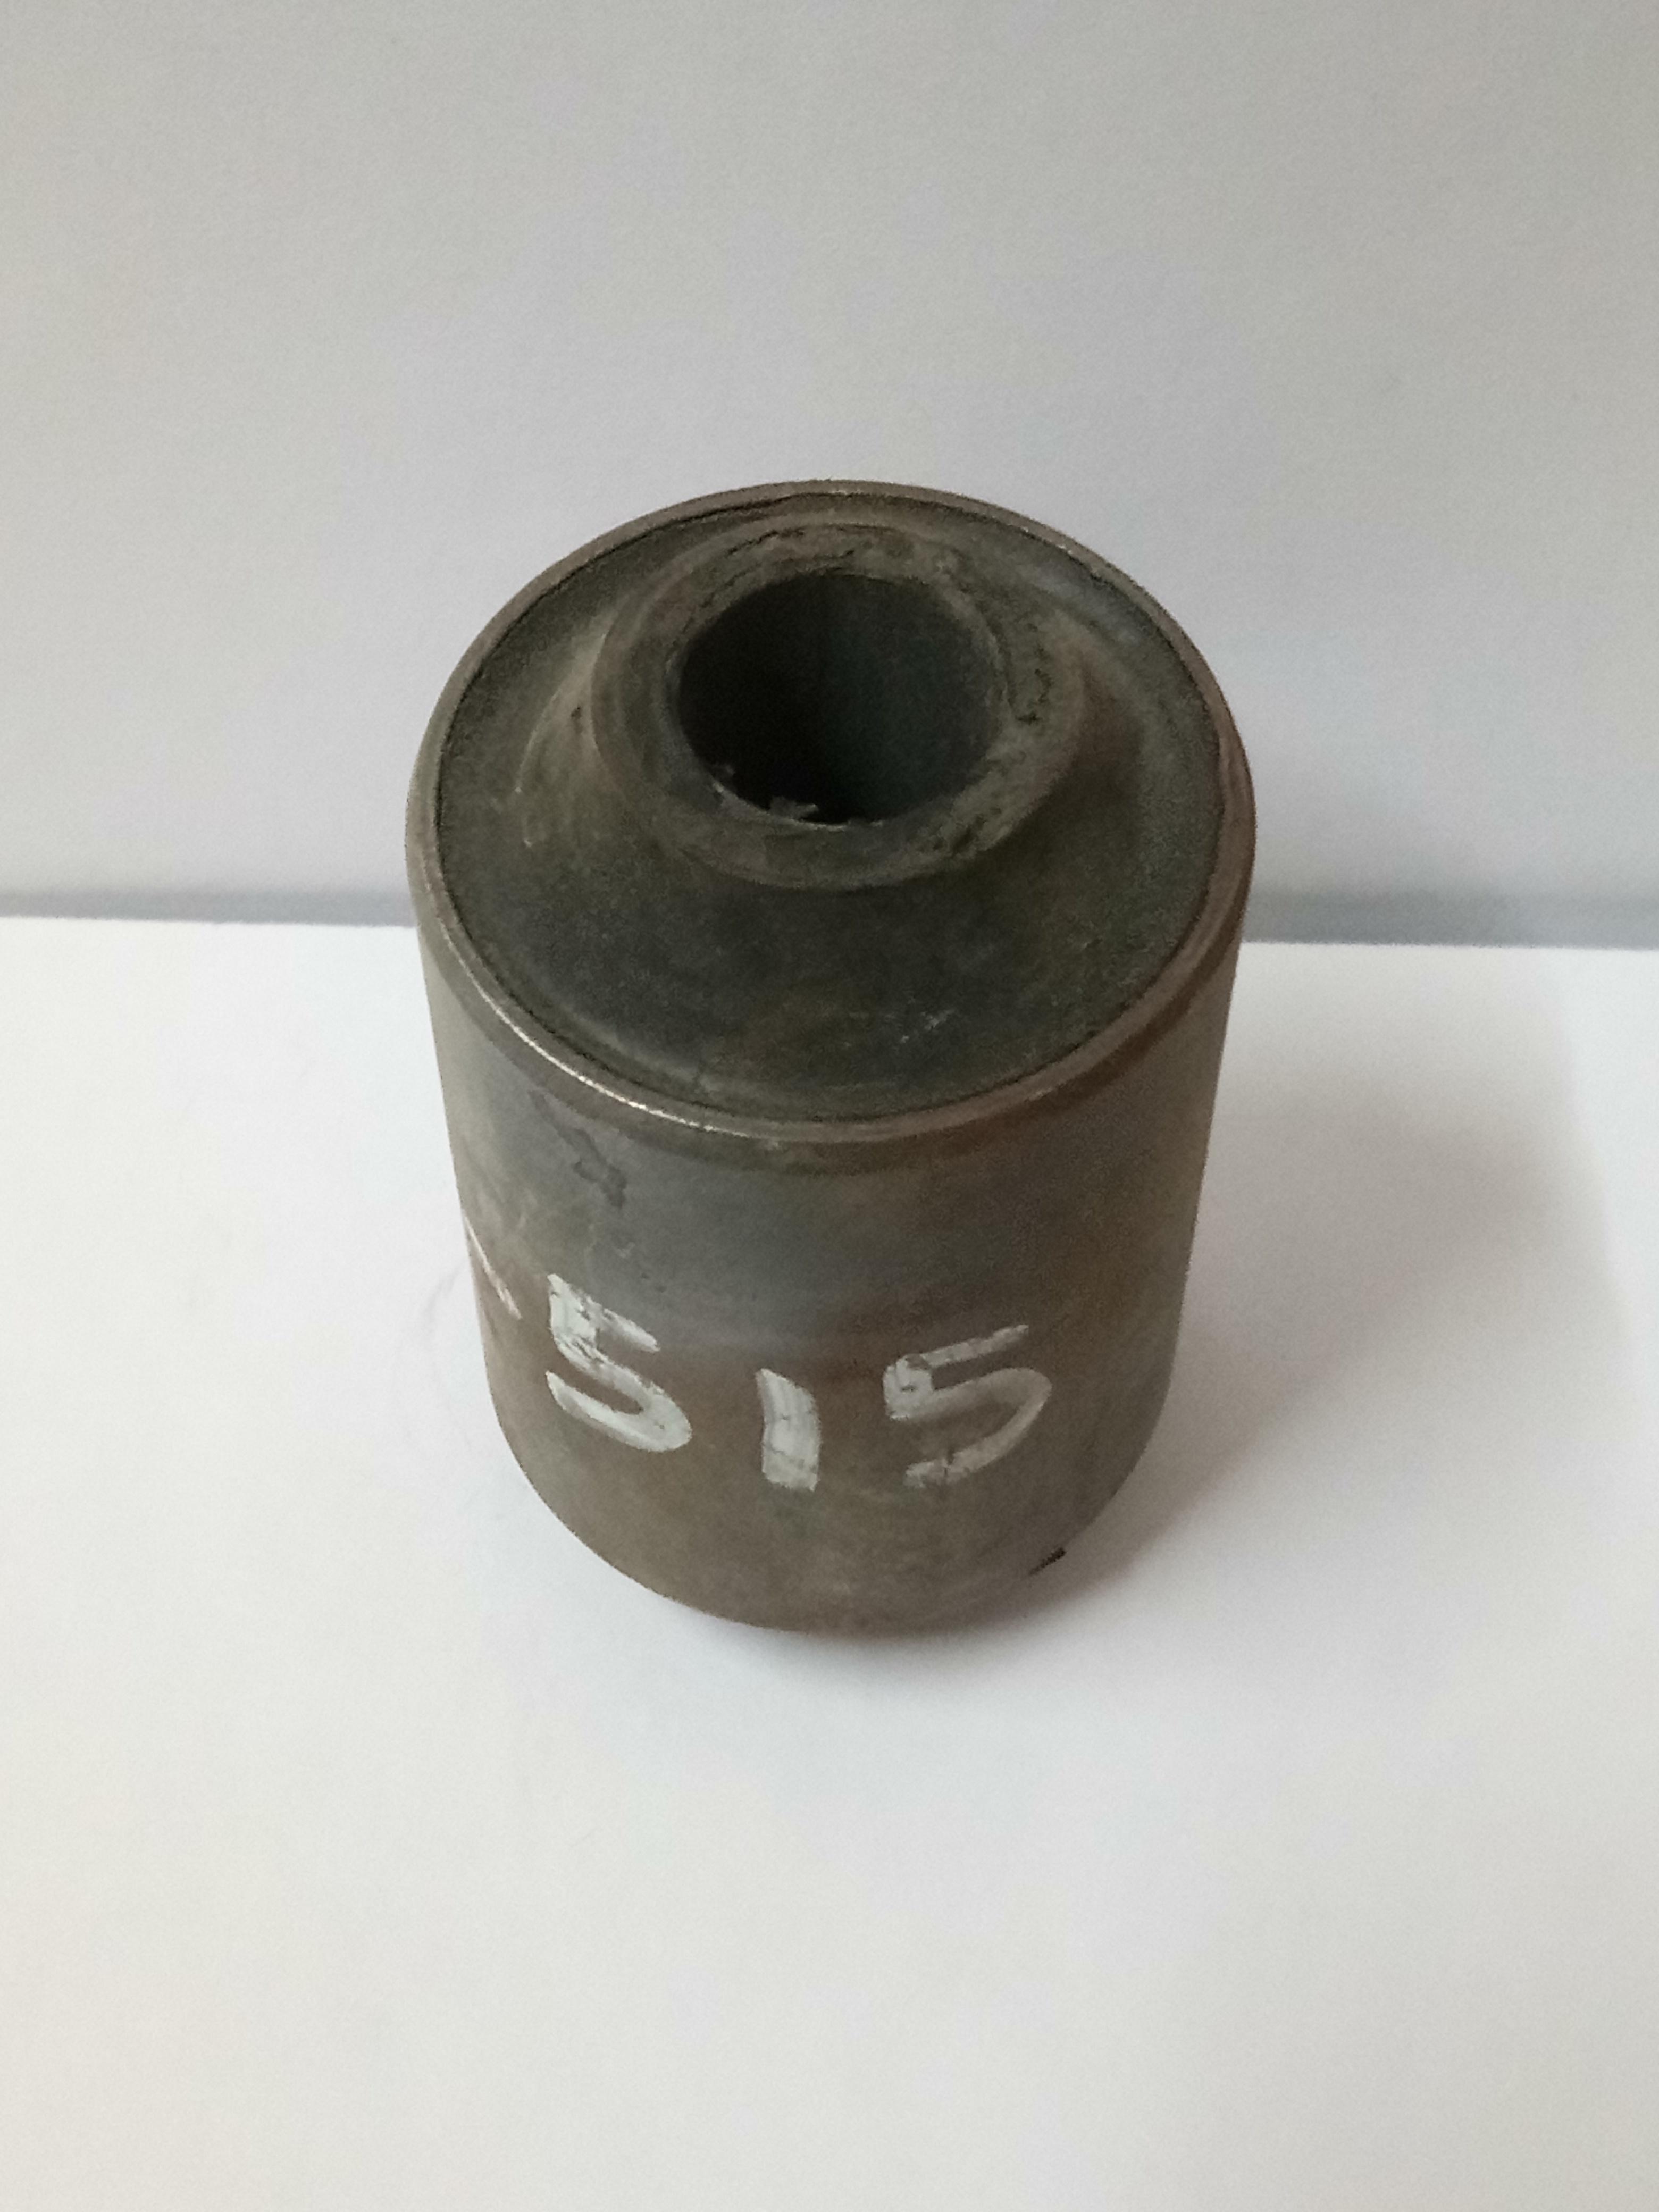 AR6167 BUSH LC TOY CRLLA FWD 1.3 1.6 INN